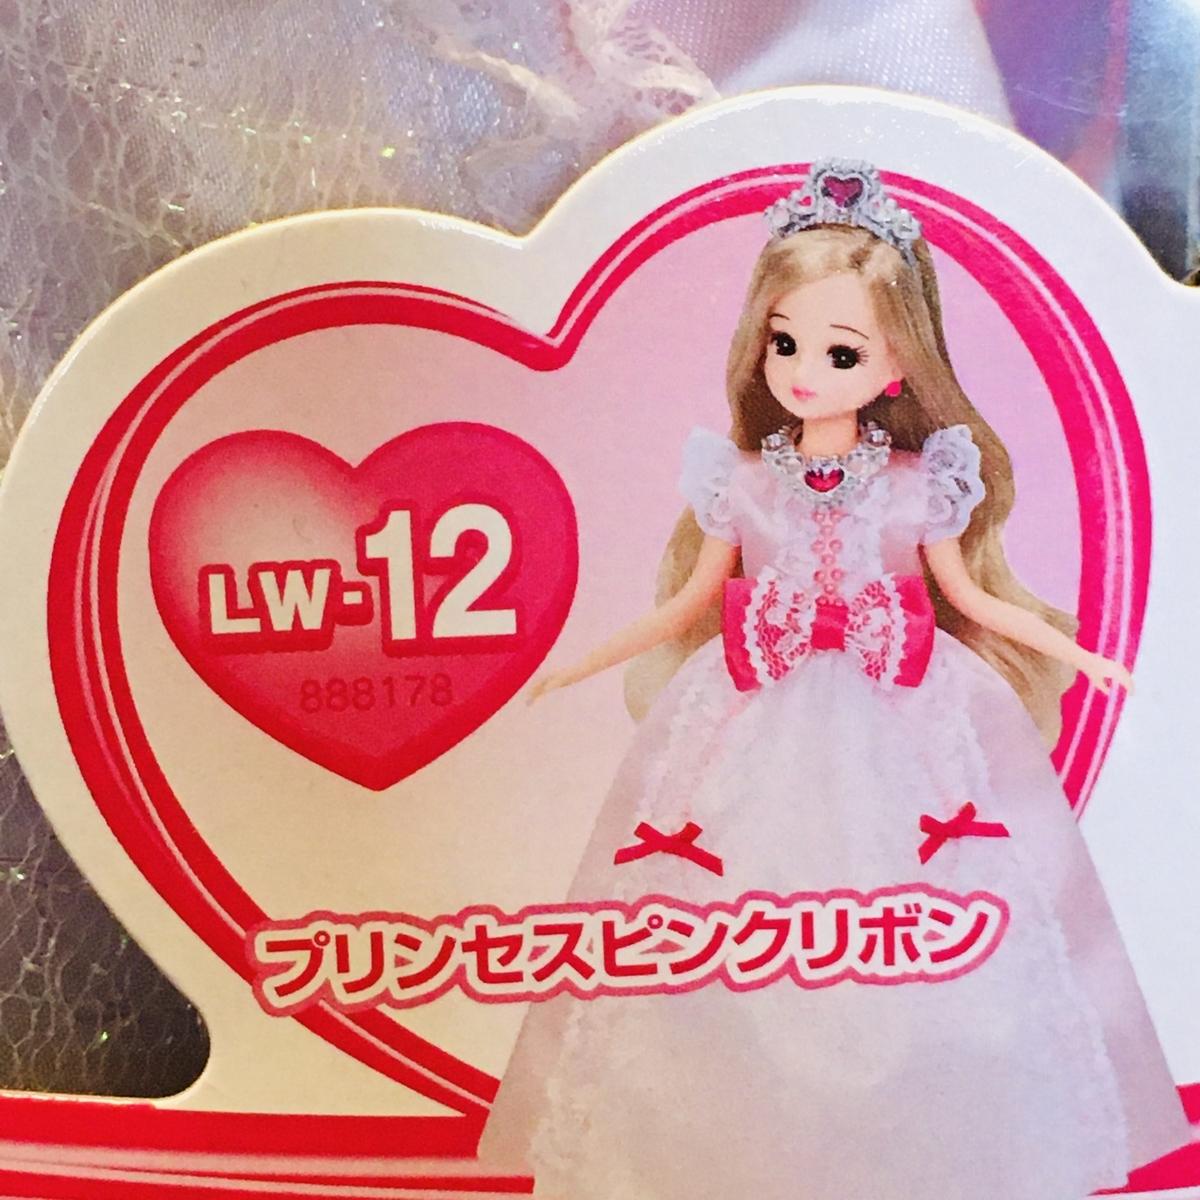 リカちゃんのドレス「プリンセスピンクリボン」商品パッケージのリカちゃん着用イメージ画像